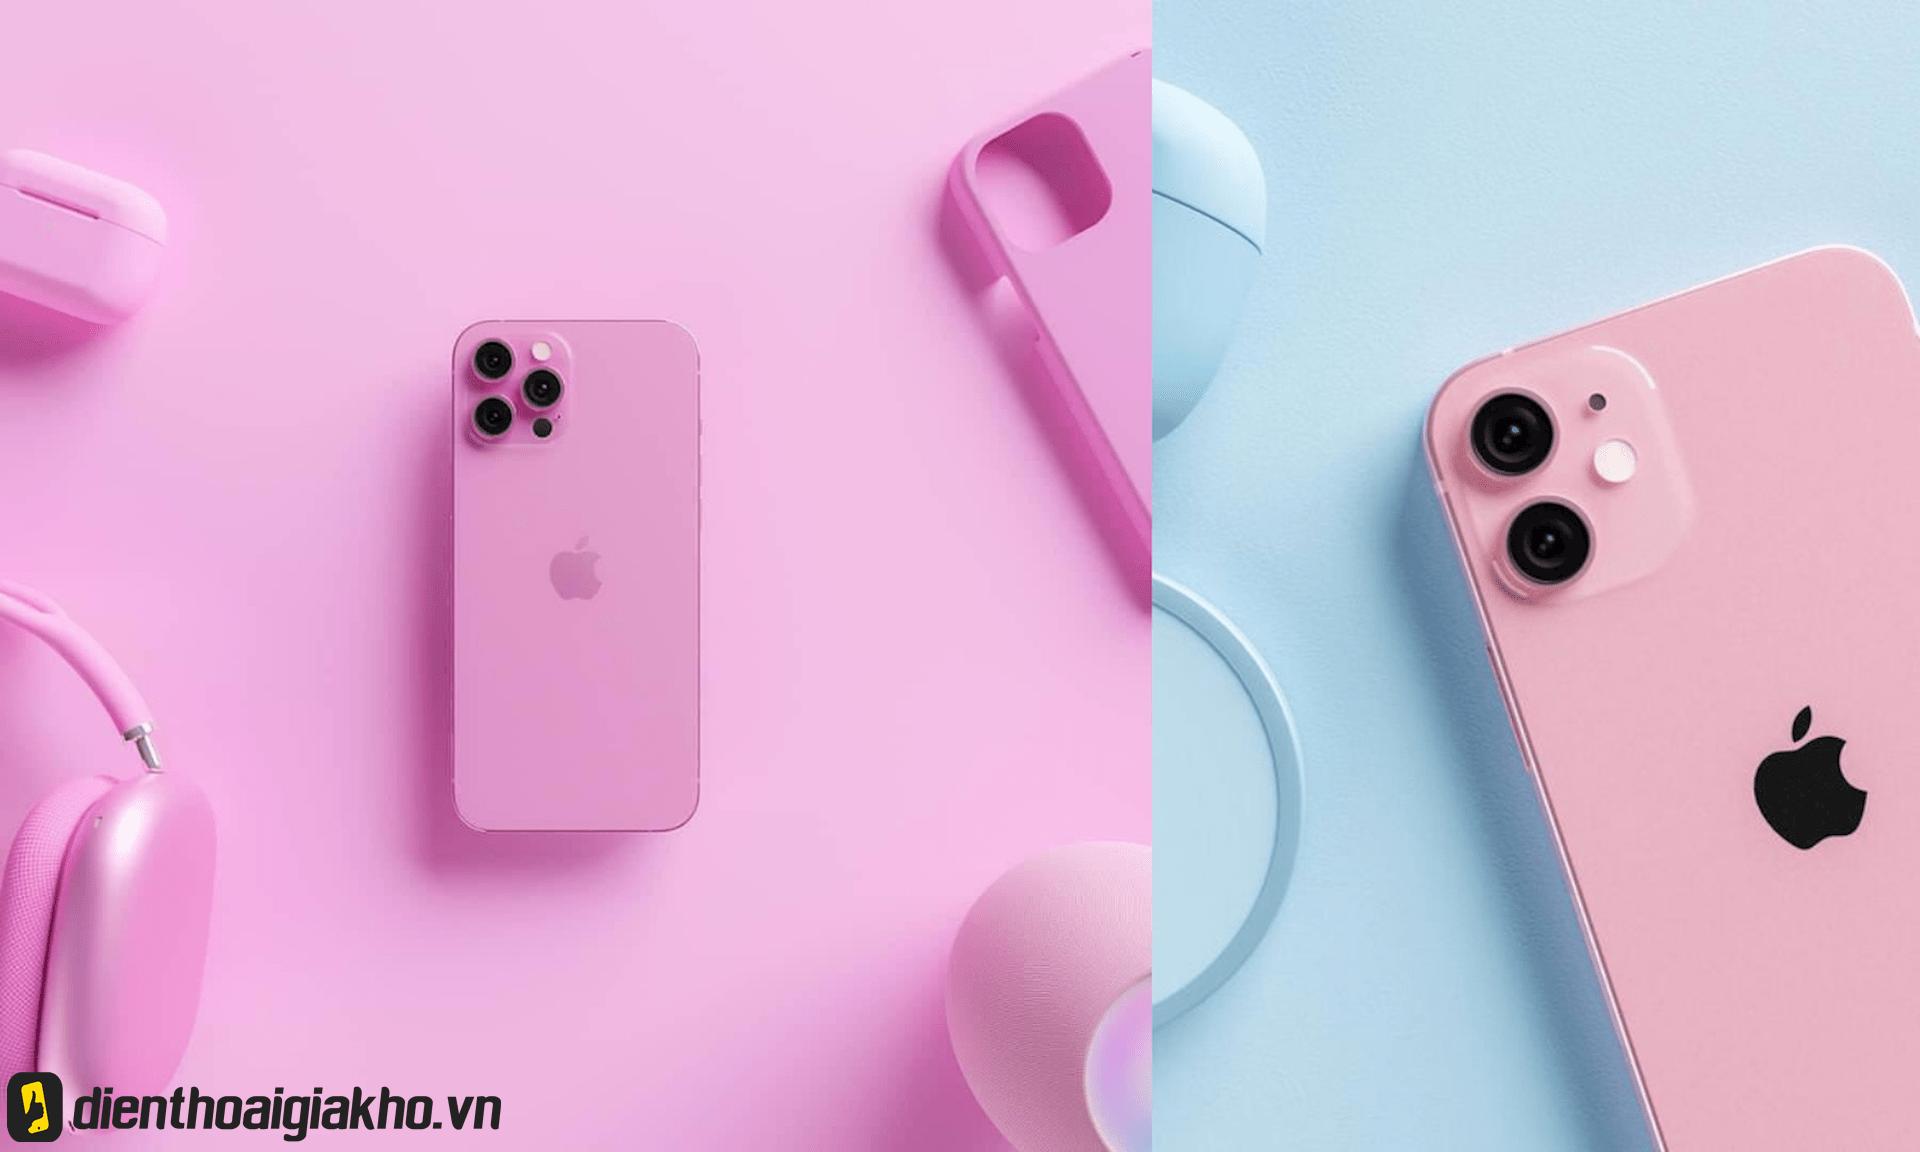 Phiên bản màu hồng siêu cute trên dòng iphone 13, làm bao trái tim rung động.